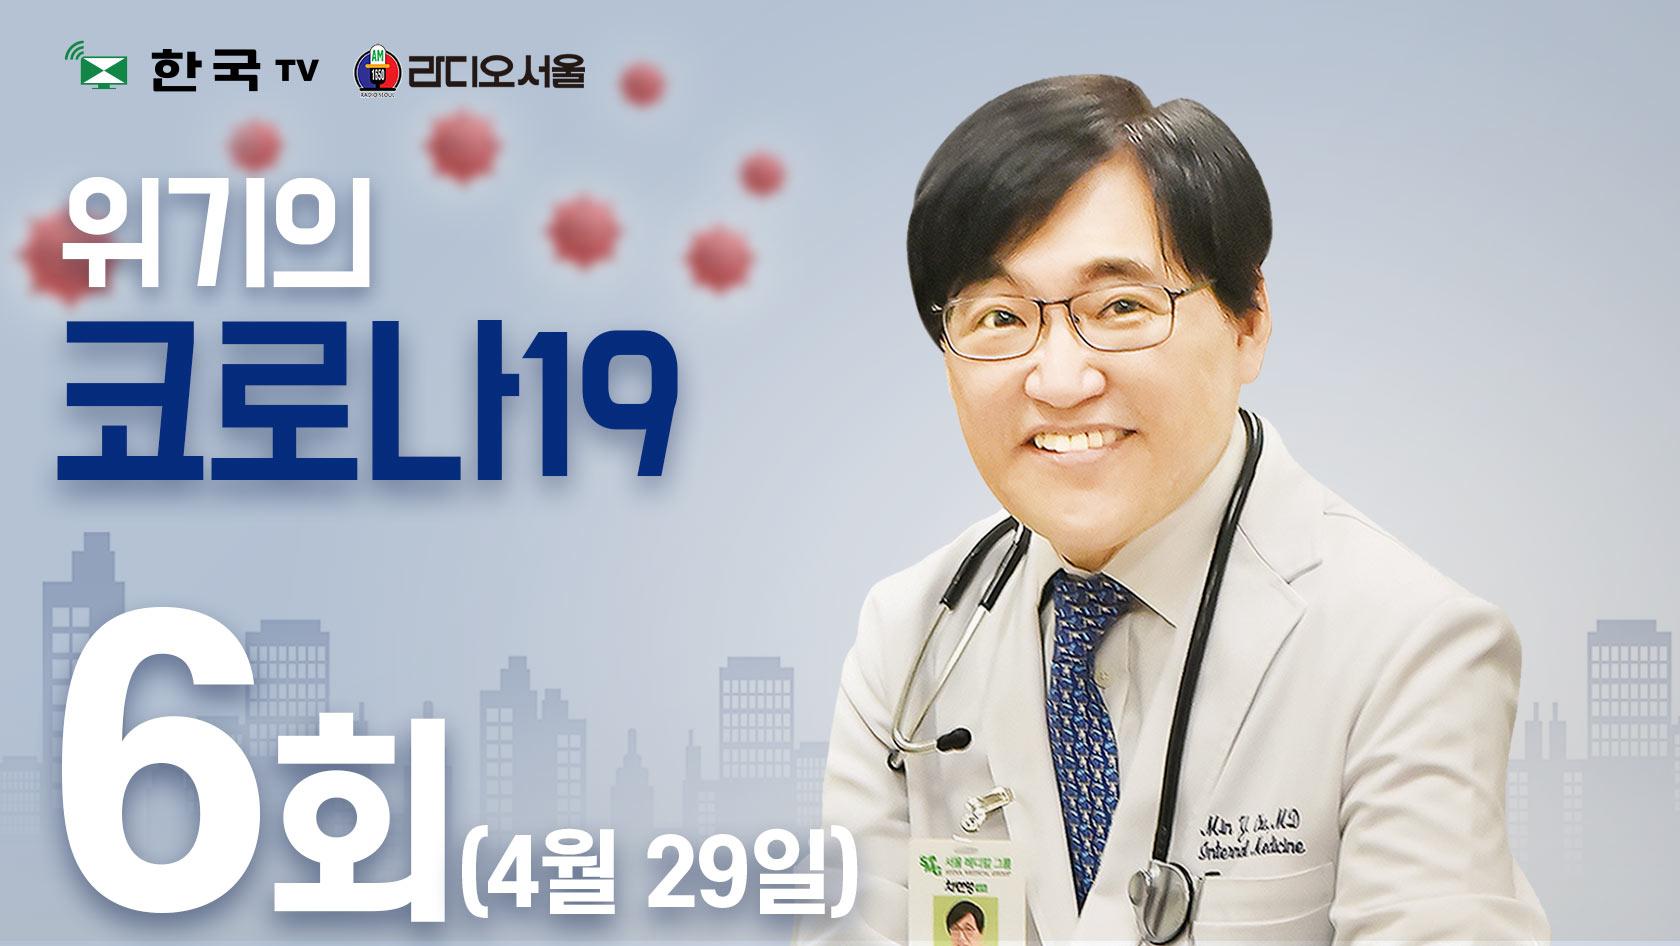 [차민영 박사] - 6회 위기의 코로나19 코로나 19 어떻게 대처해야하나?(04.29.20)